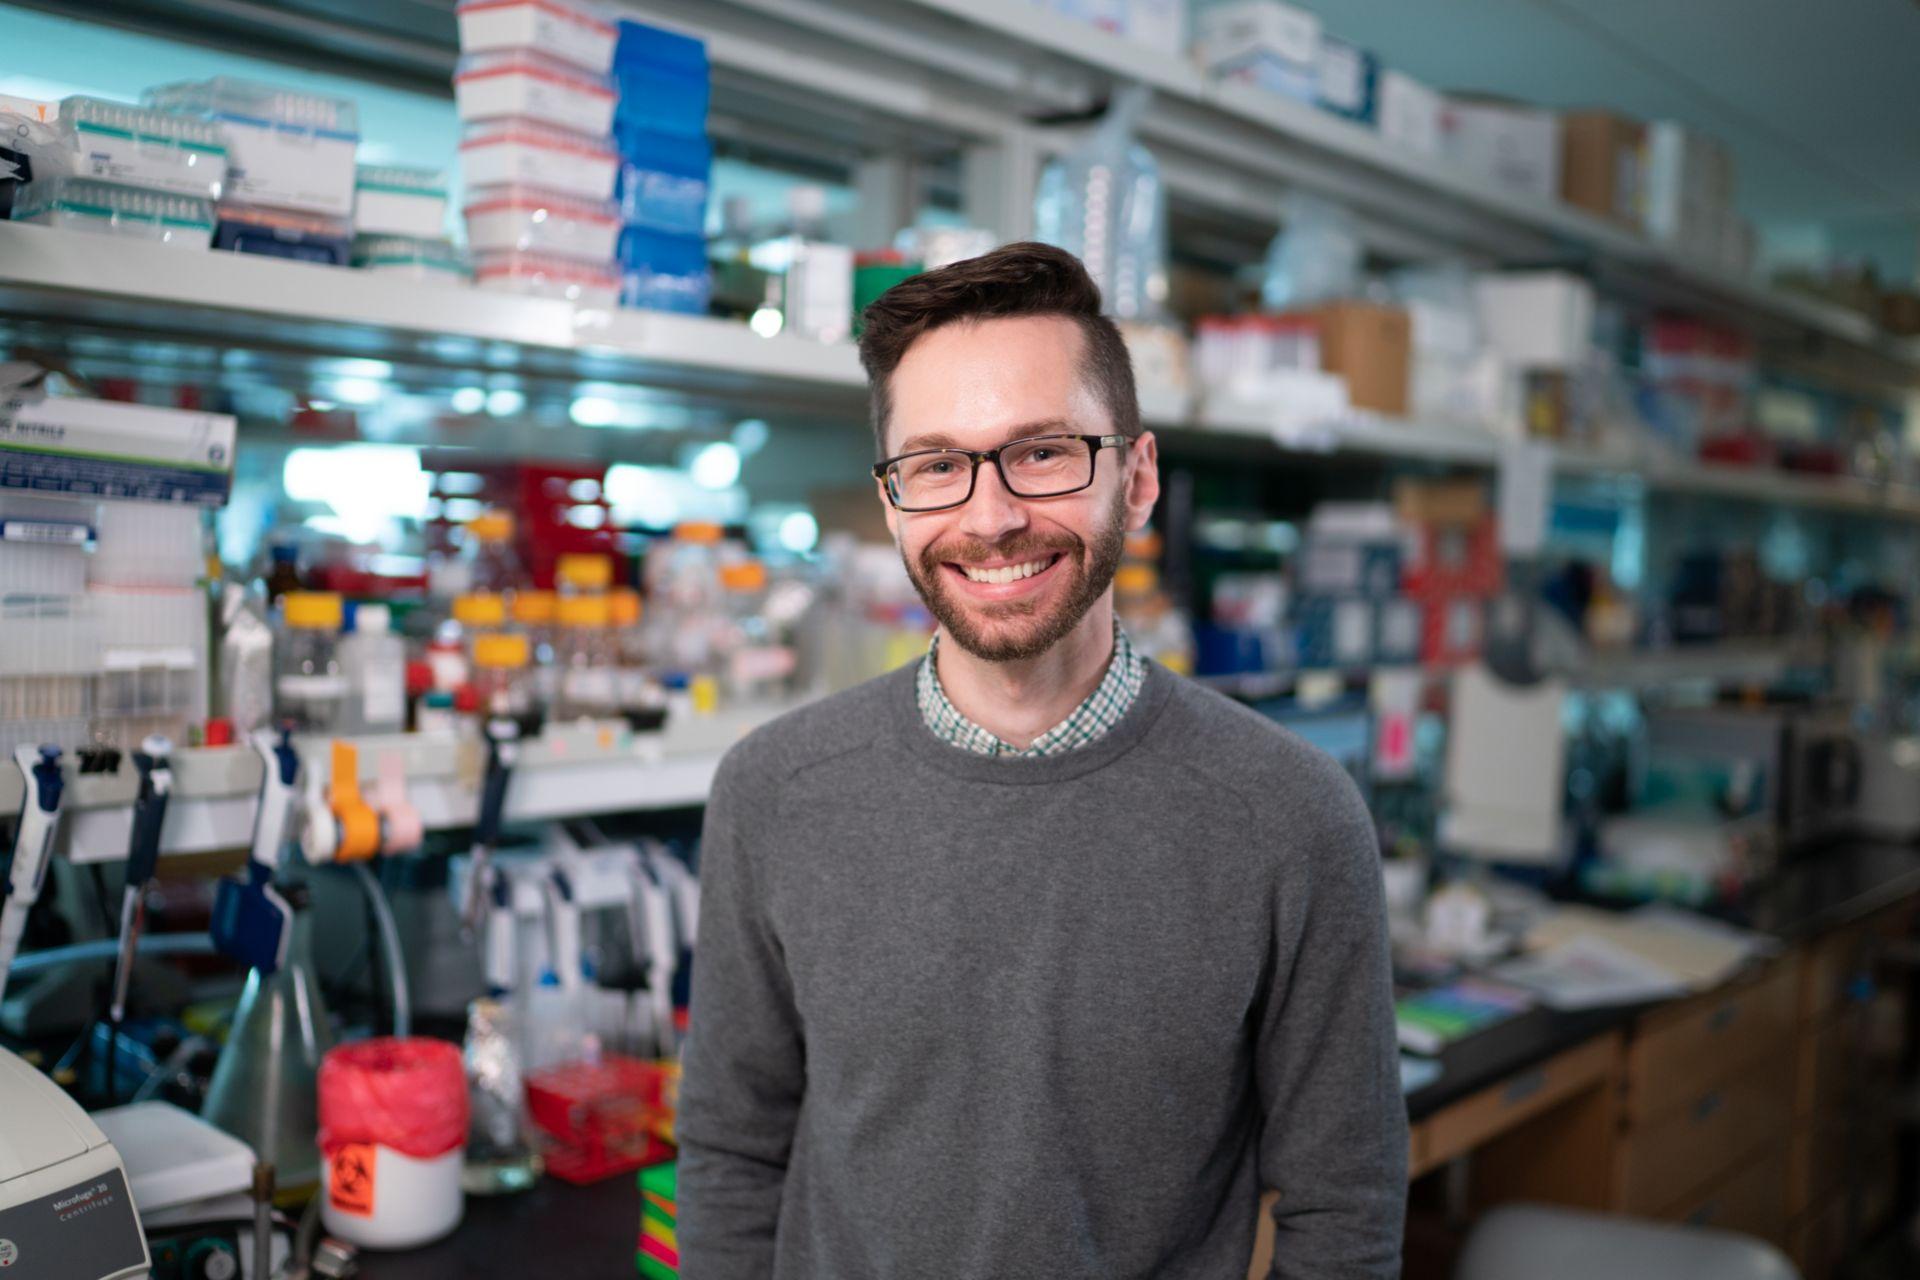 William MacCain, PhD